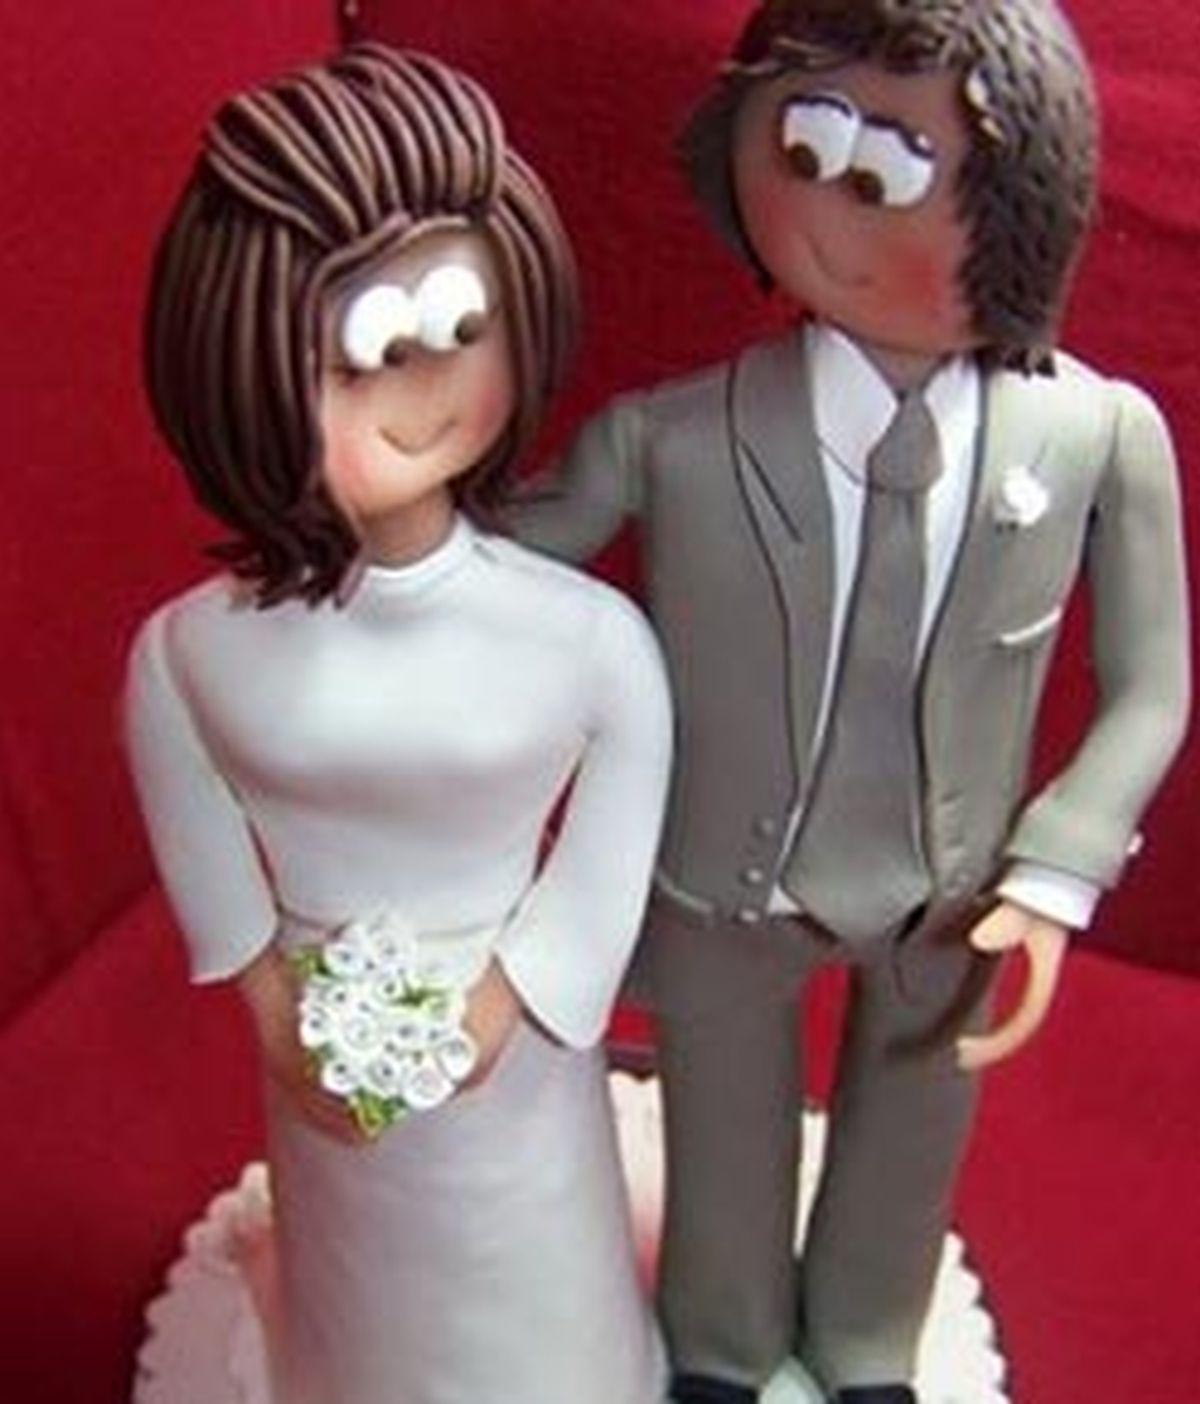 Los matrimonios demasiado jóvenes tienen más posibilidades de fracasar.